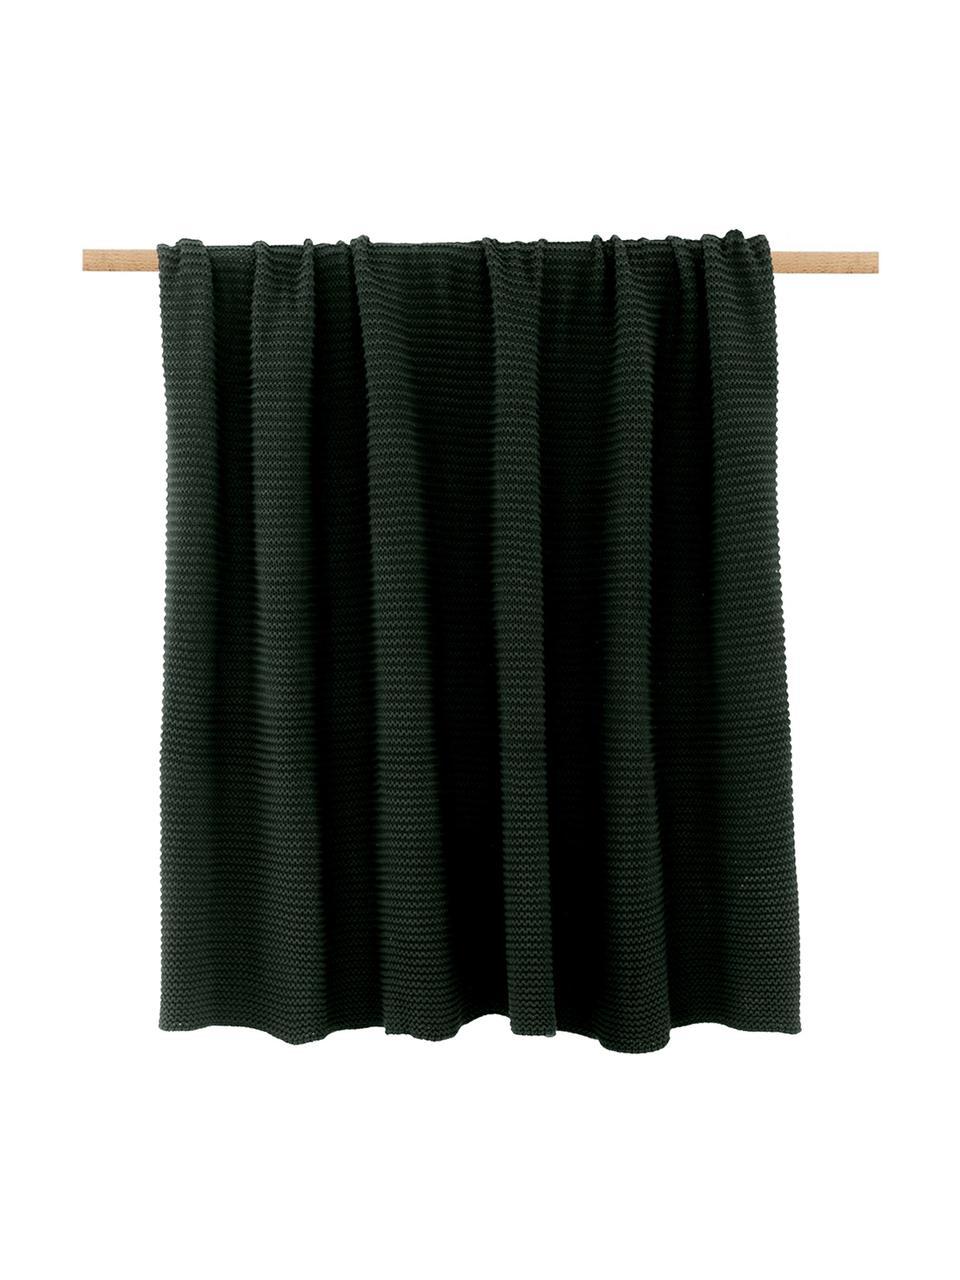 Strickdecke Adalyn aus Bio-Baumwolle in Dunkelgrün, 100% Bio-Baumwolle, GOTS-zertifiziert, Grün, 150 x 200 cm